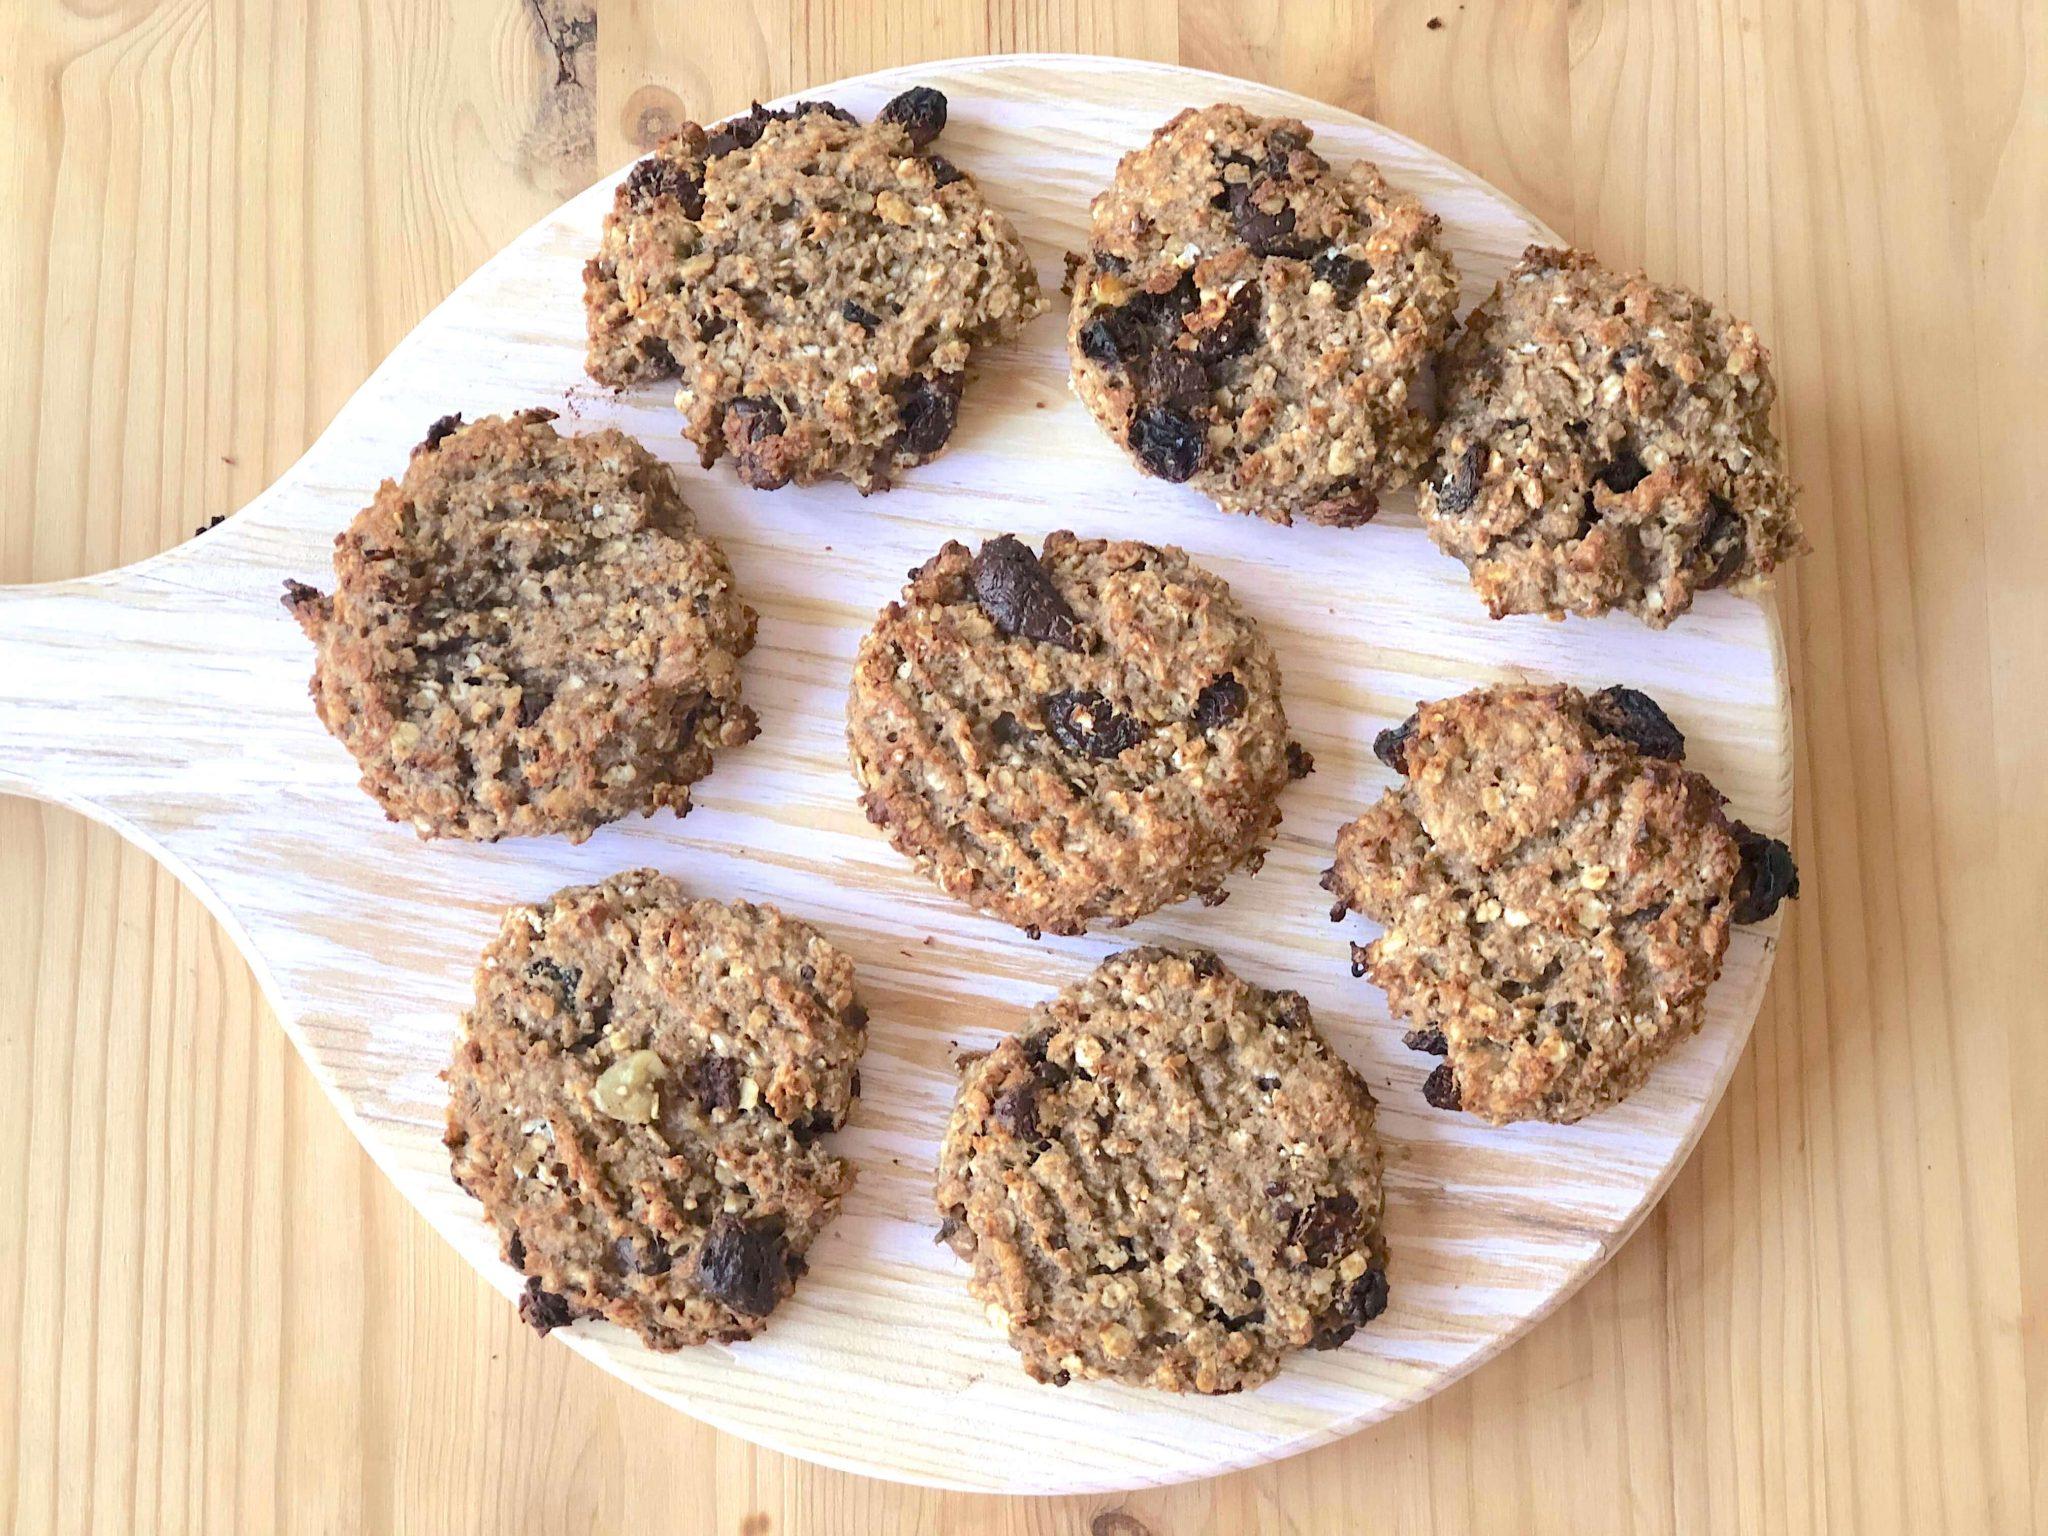 Receitas saudáveis: Bolachas de aveia vegan, sem glúten, sem açúcar e sem óleos (snack delicioso)